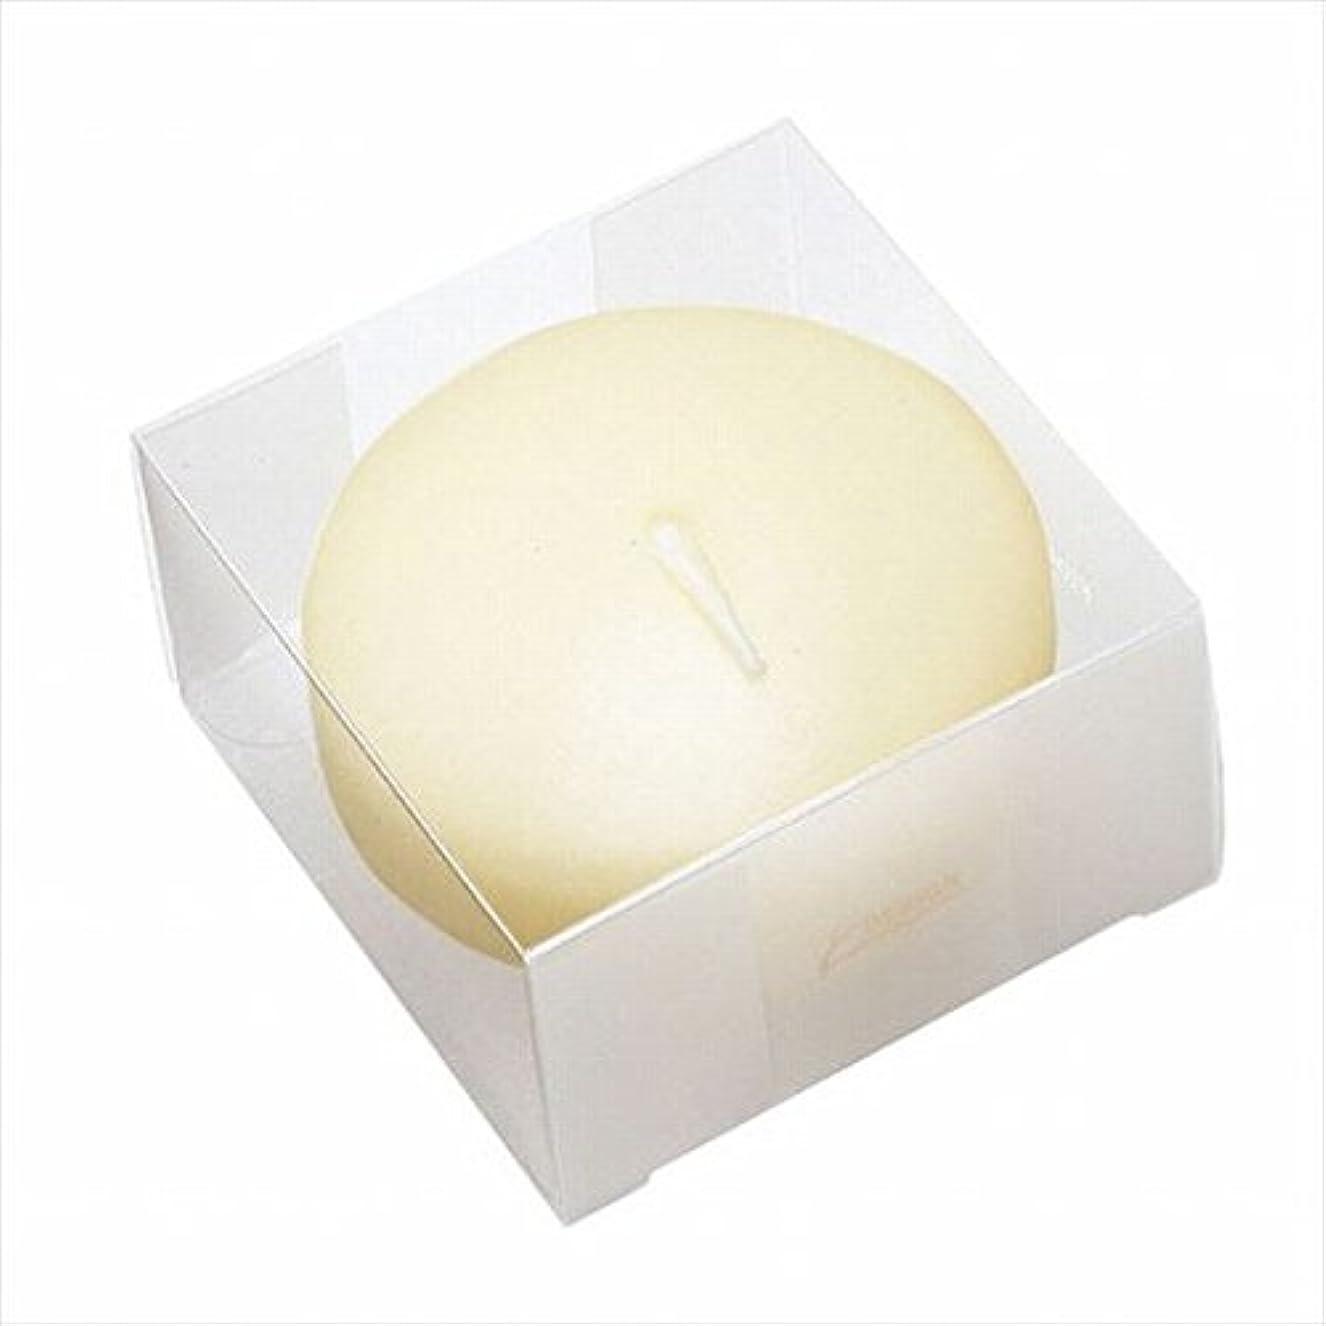 おじいちゃんガロン近代化カメヤマキャンドル(kameyama candle) プール80(箱入り) 「 アイボリー 」